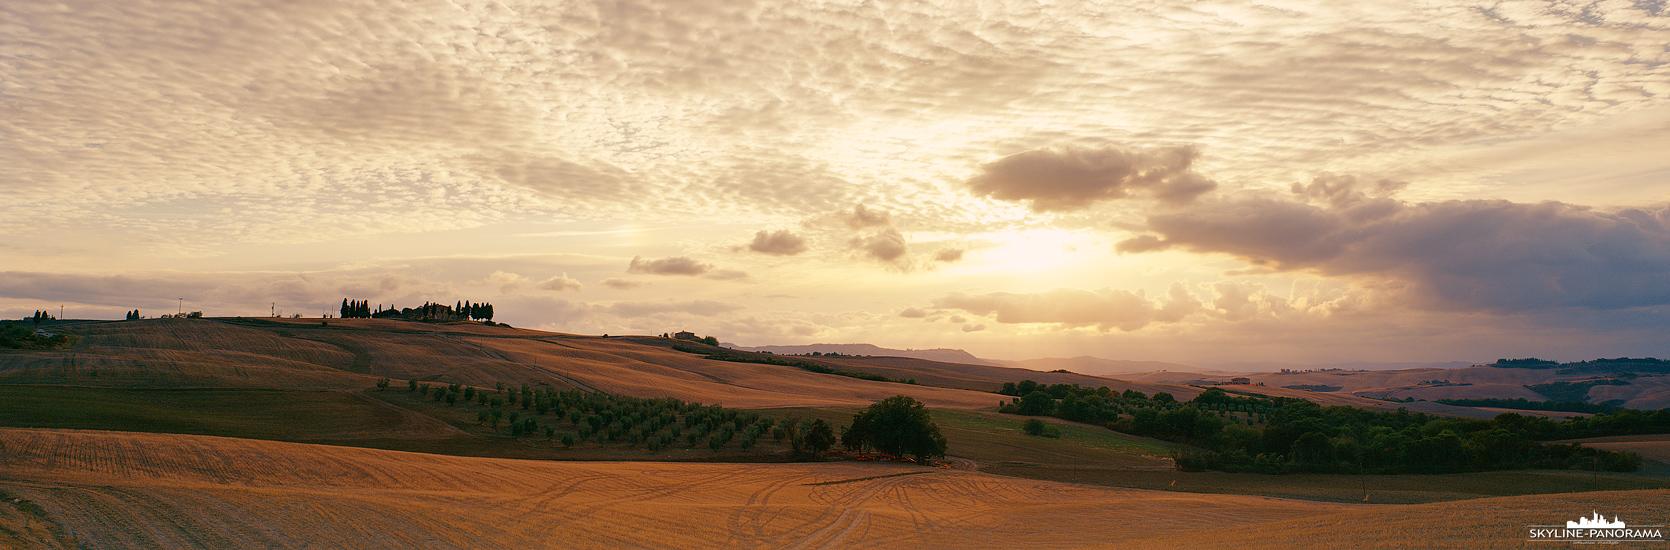 Toskana Panorama - Landschaft Italien (p_01173)